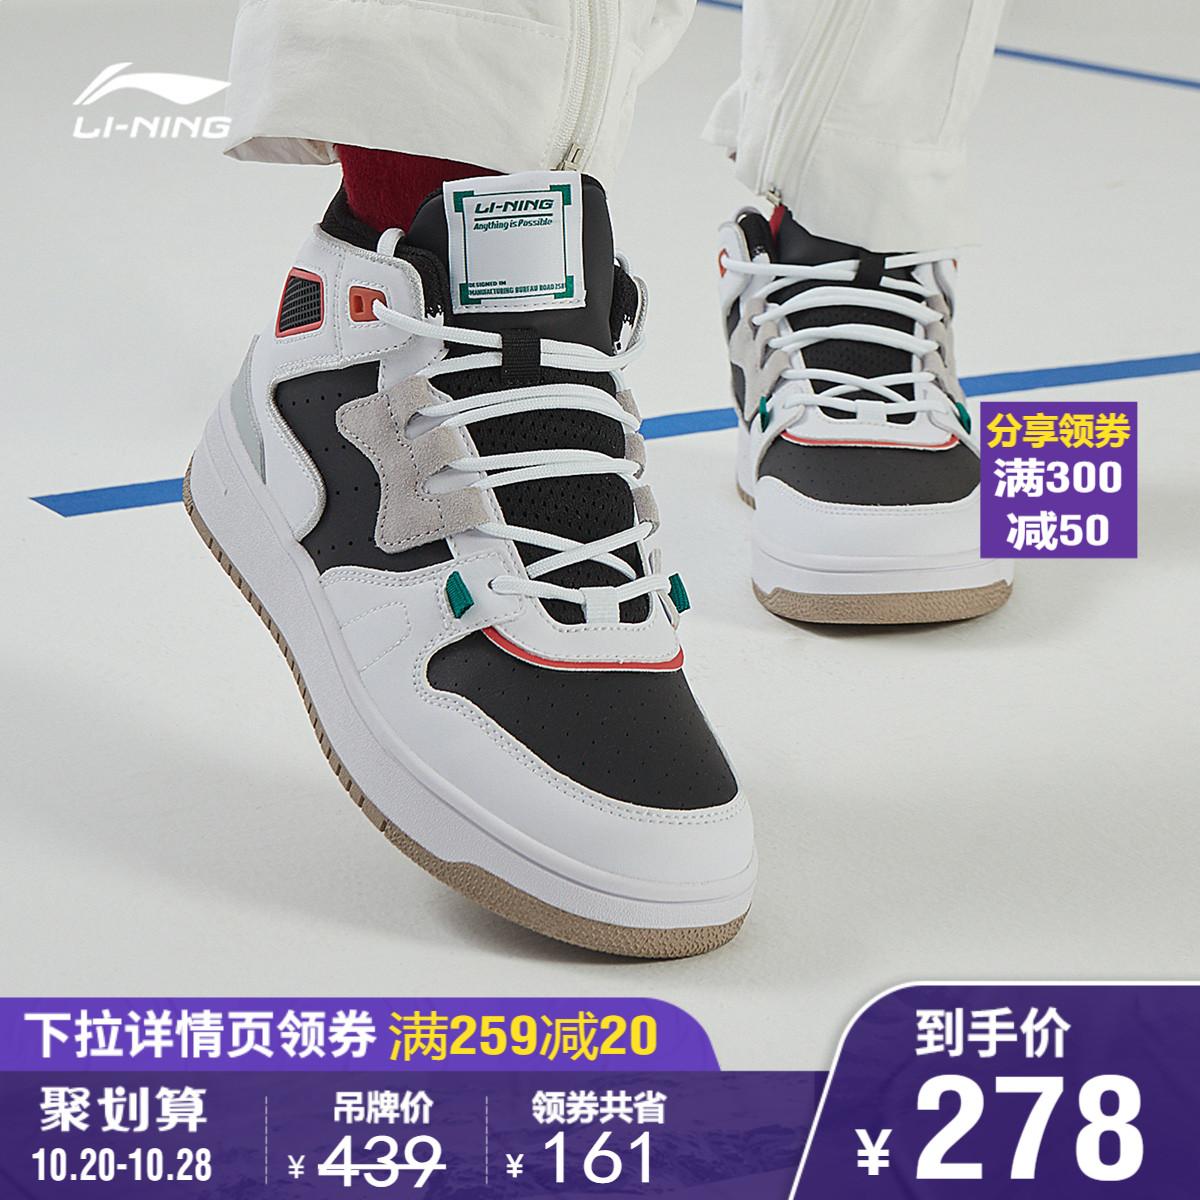 李宁休闲鞋官网旗舰女鞋新款进击篮球文化鞋中帮板鞋运动老爹鞋图片